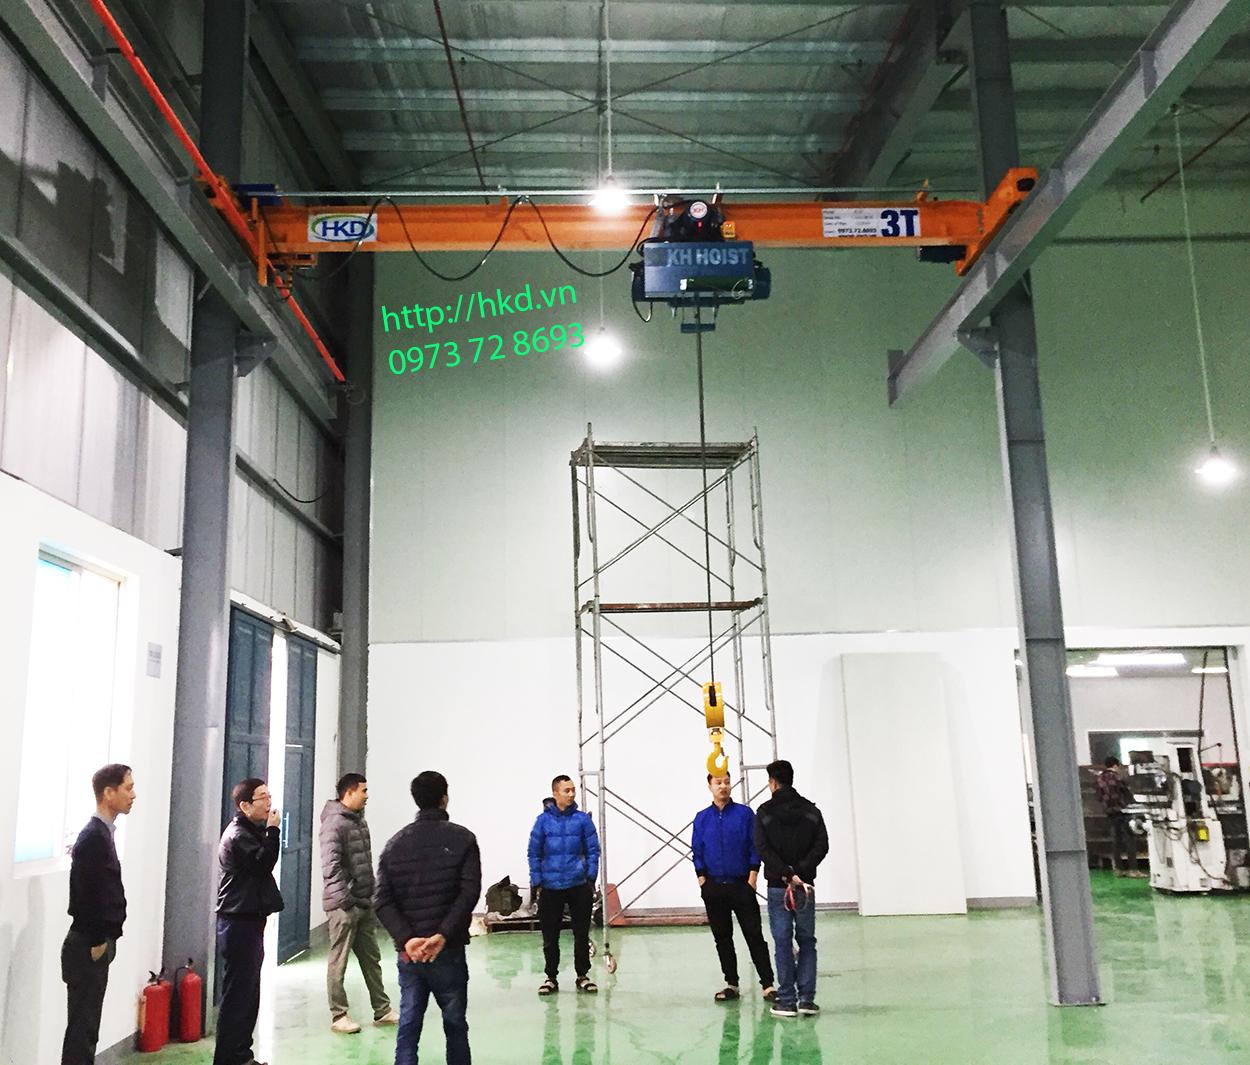 Kiểm tra toàn bộ hệ thống cầu trục trước khi vận hành